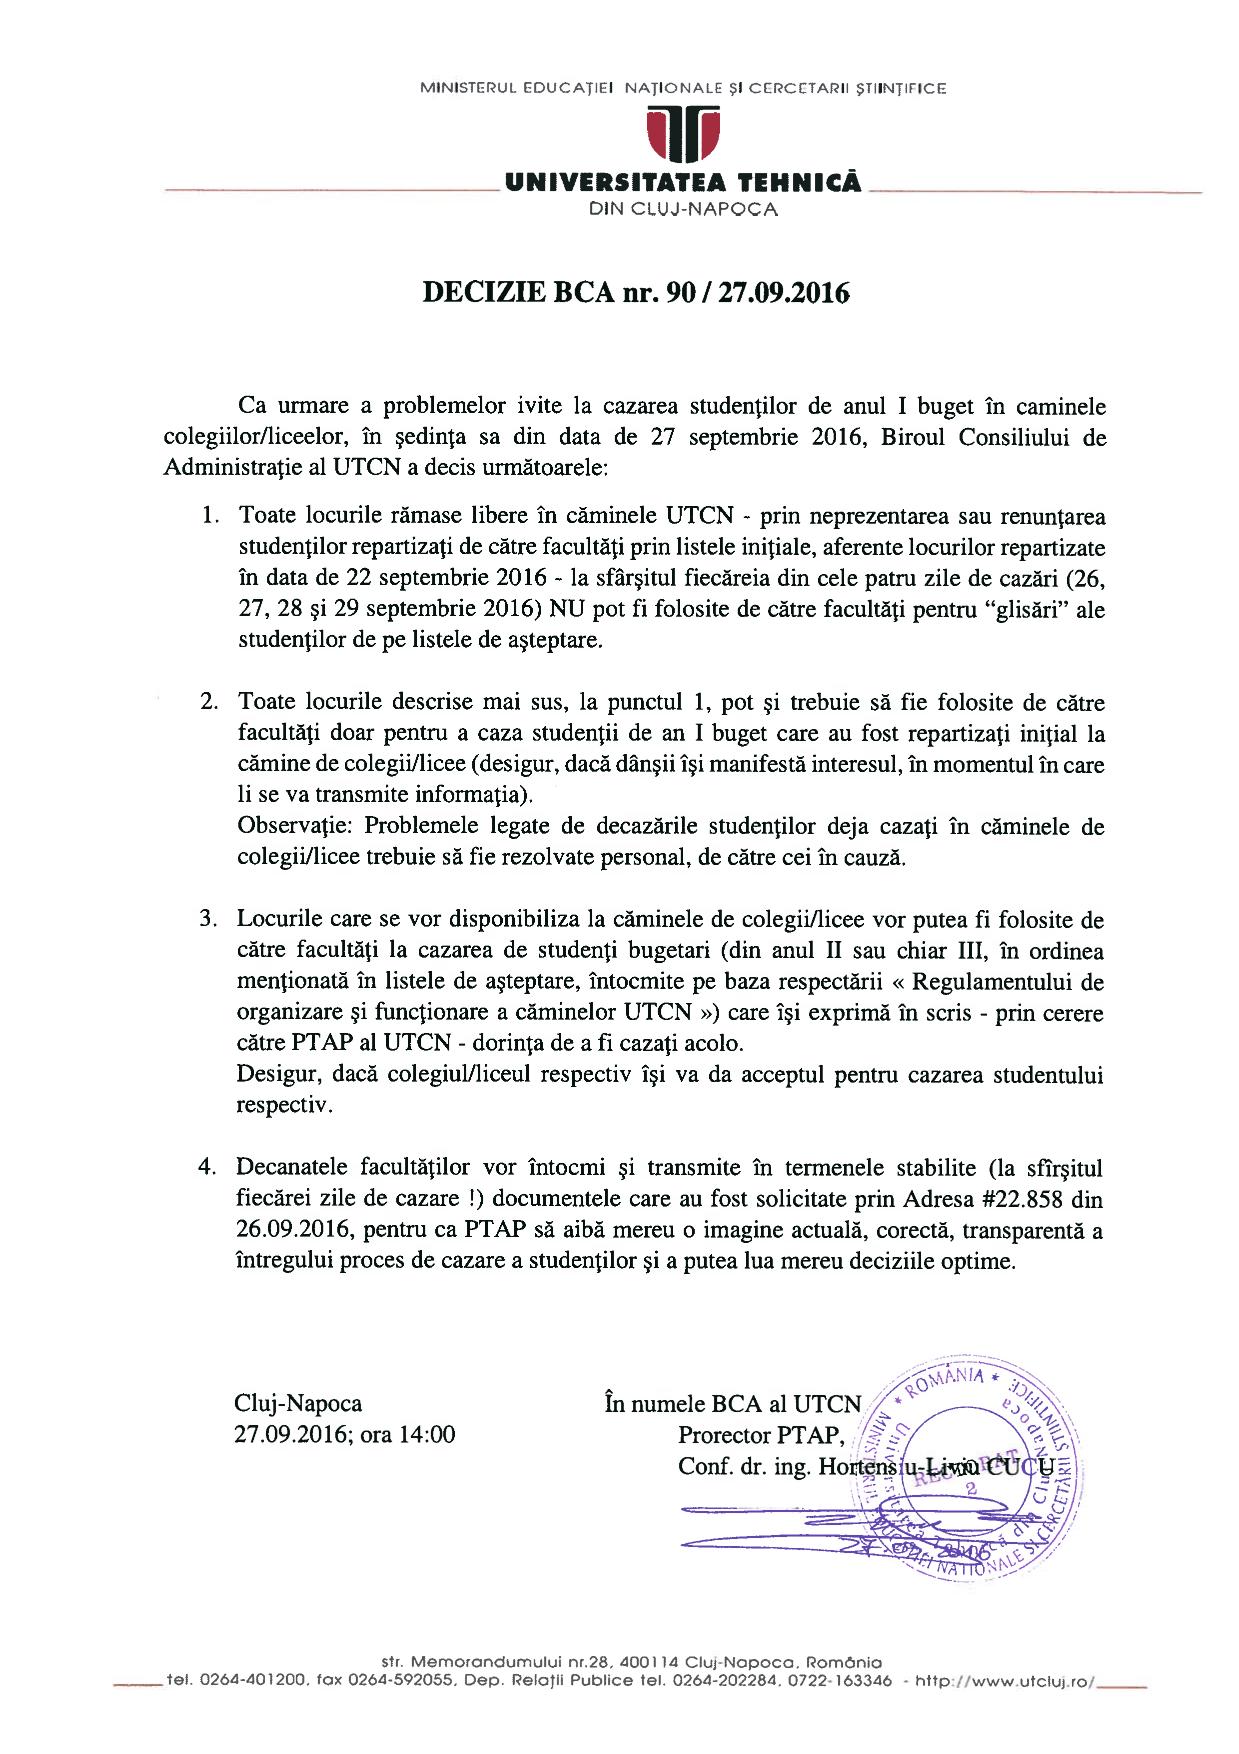 decizie-bca-90-din-27-09-2016_001